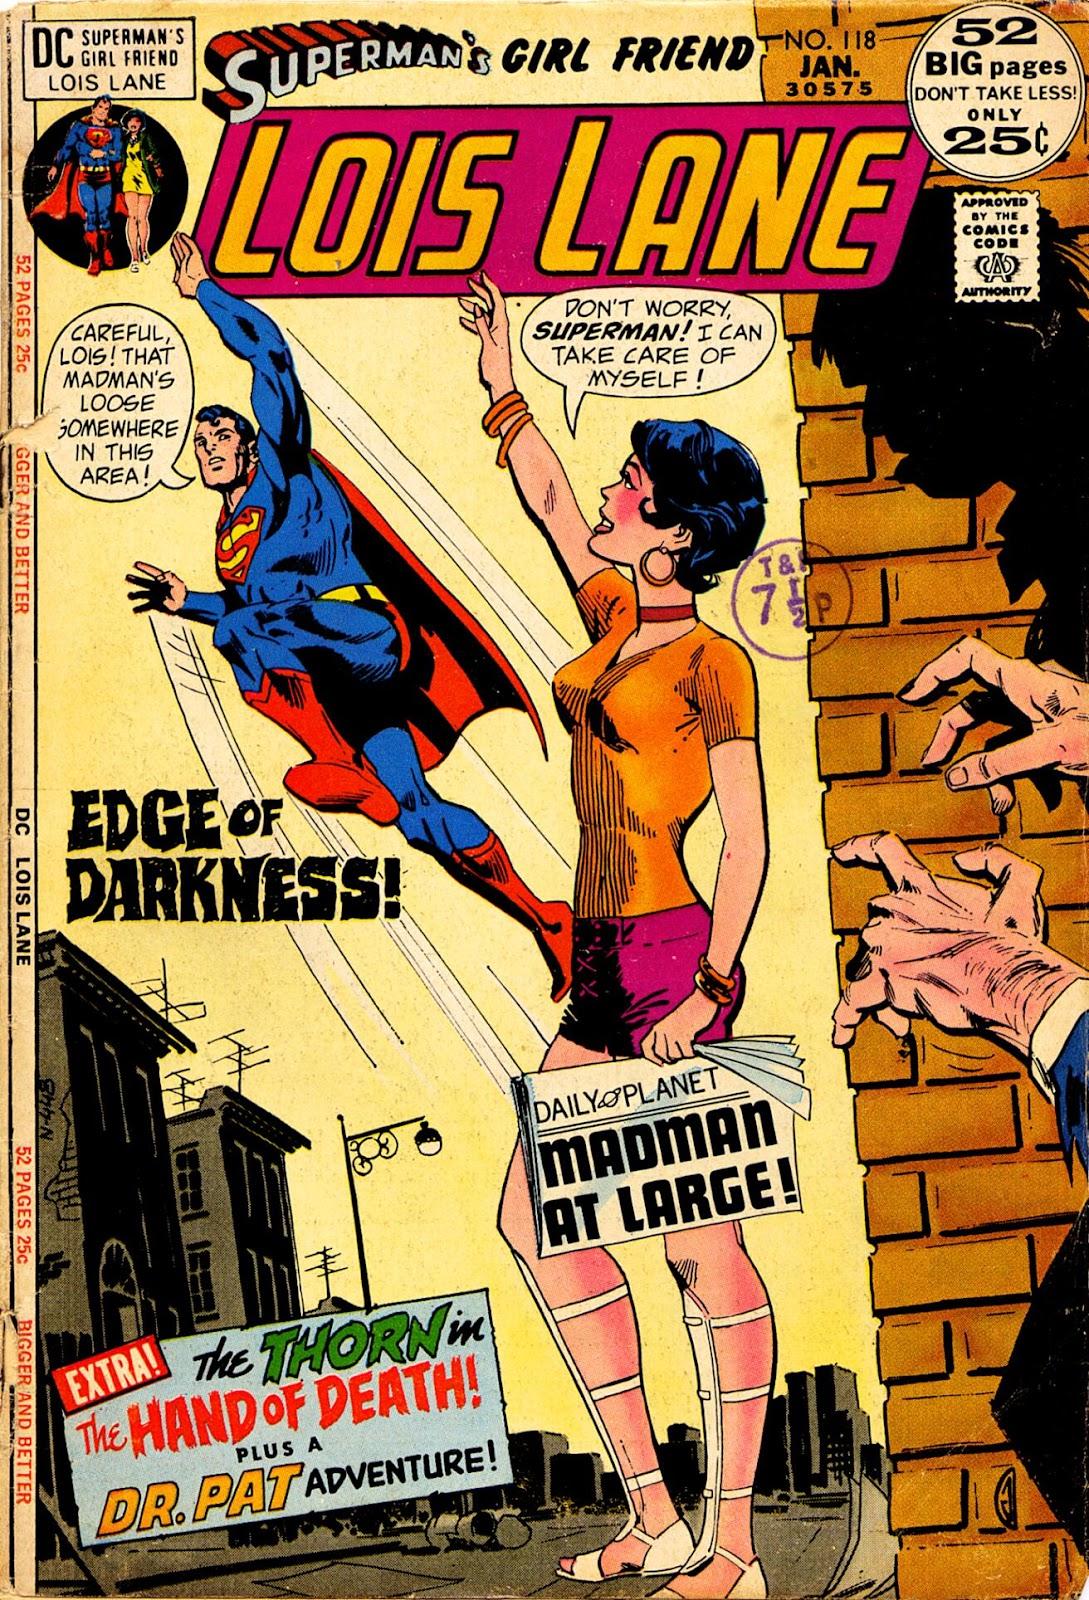 Supermans Girl Friend, Lois Lane 118 Page 1